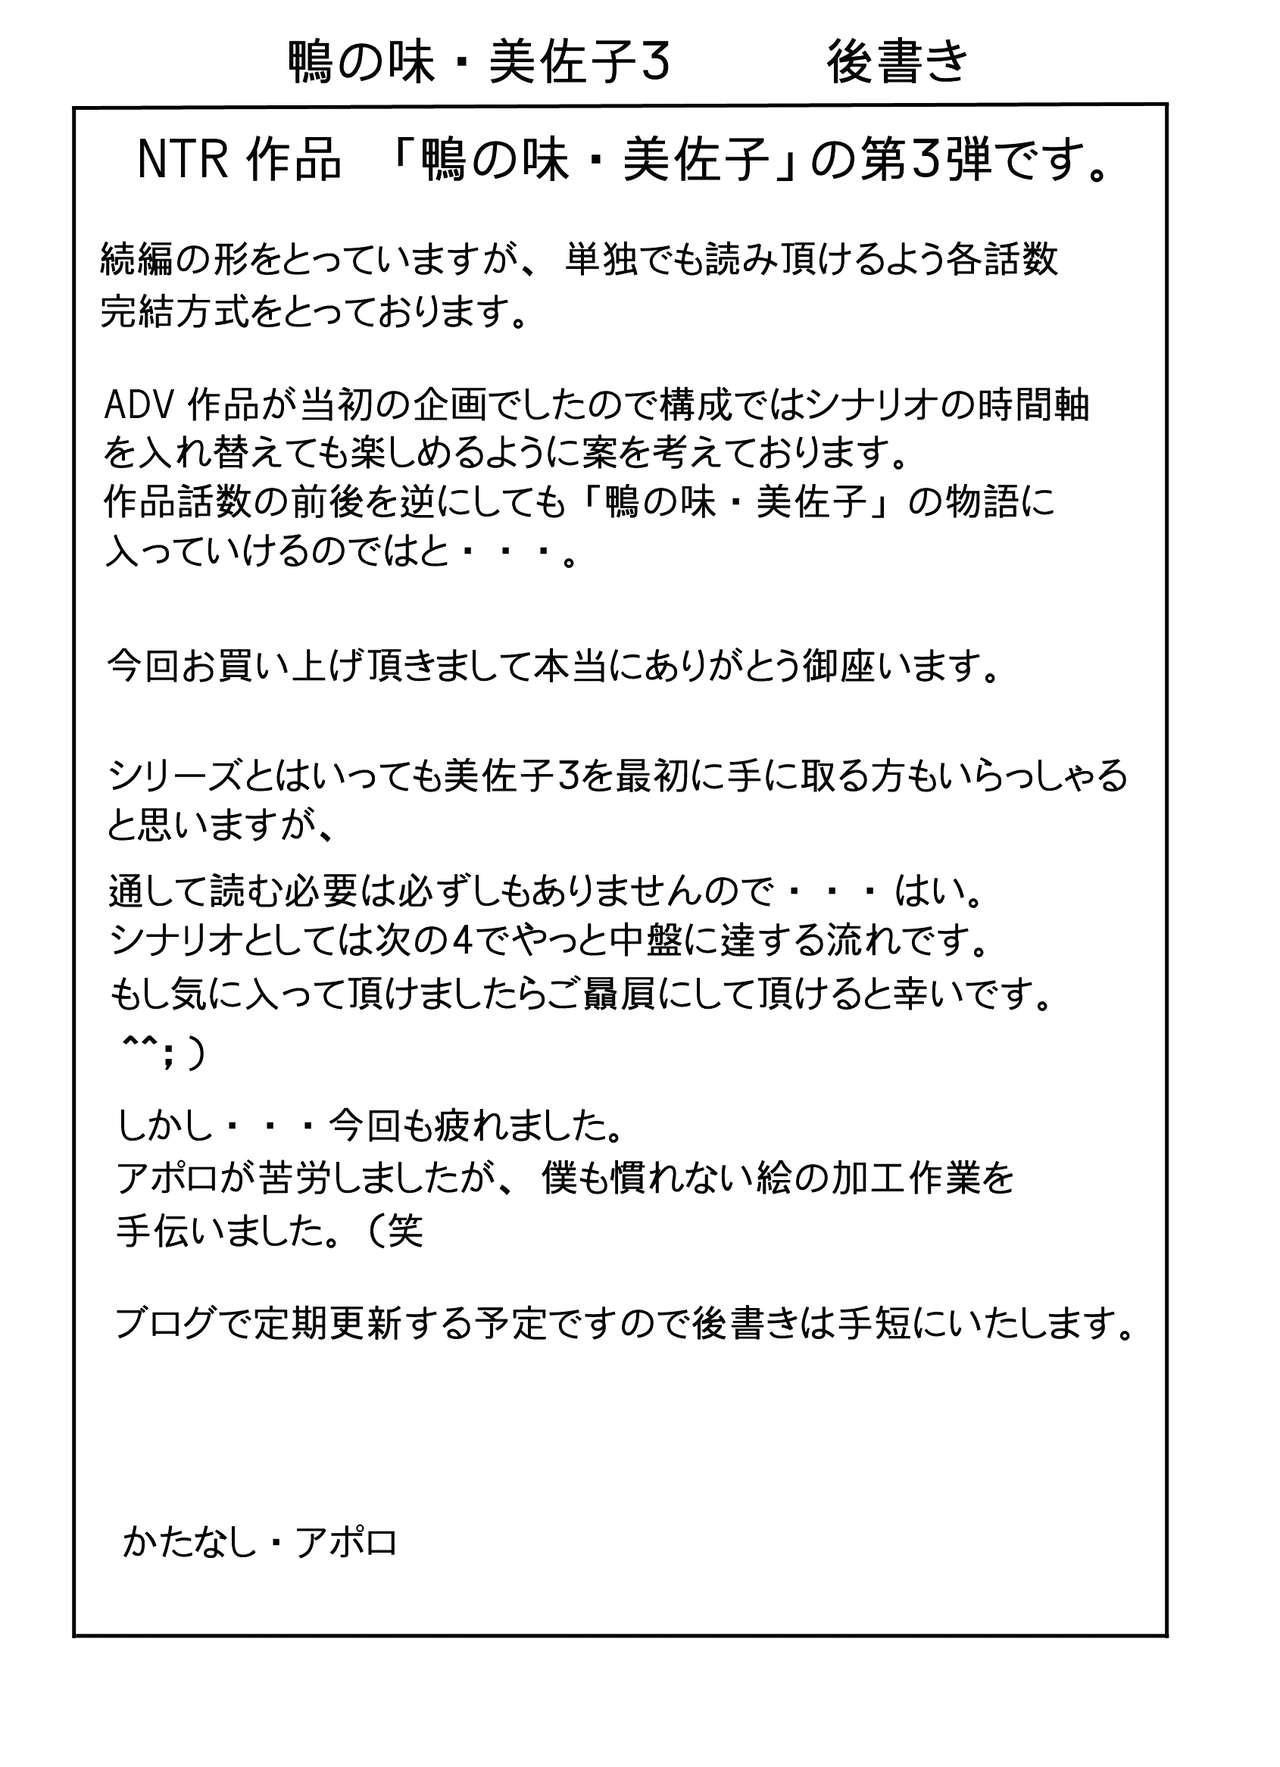 Kamo no Aji - Misako 3 92